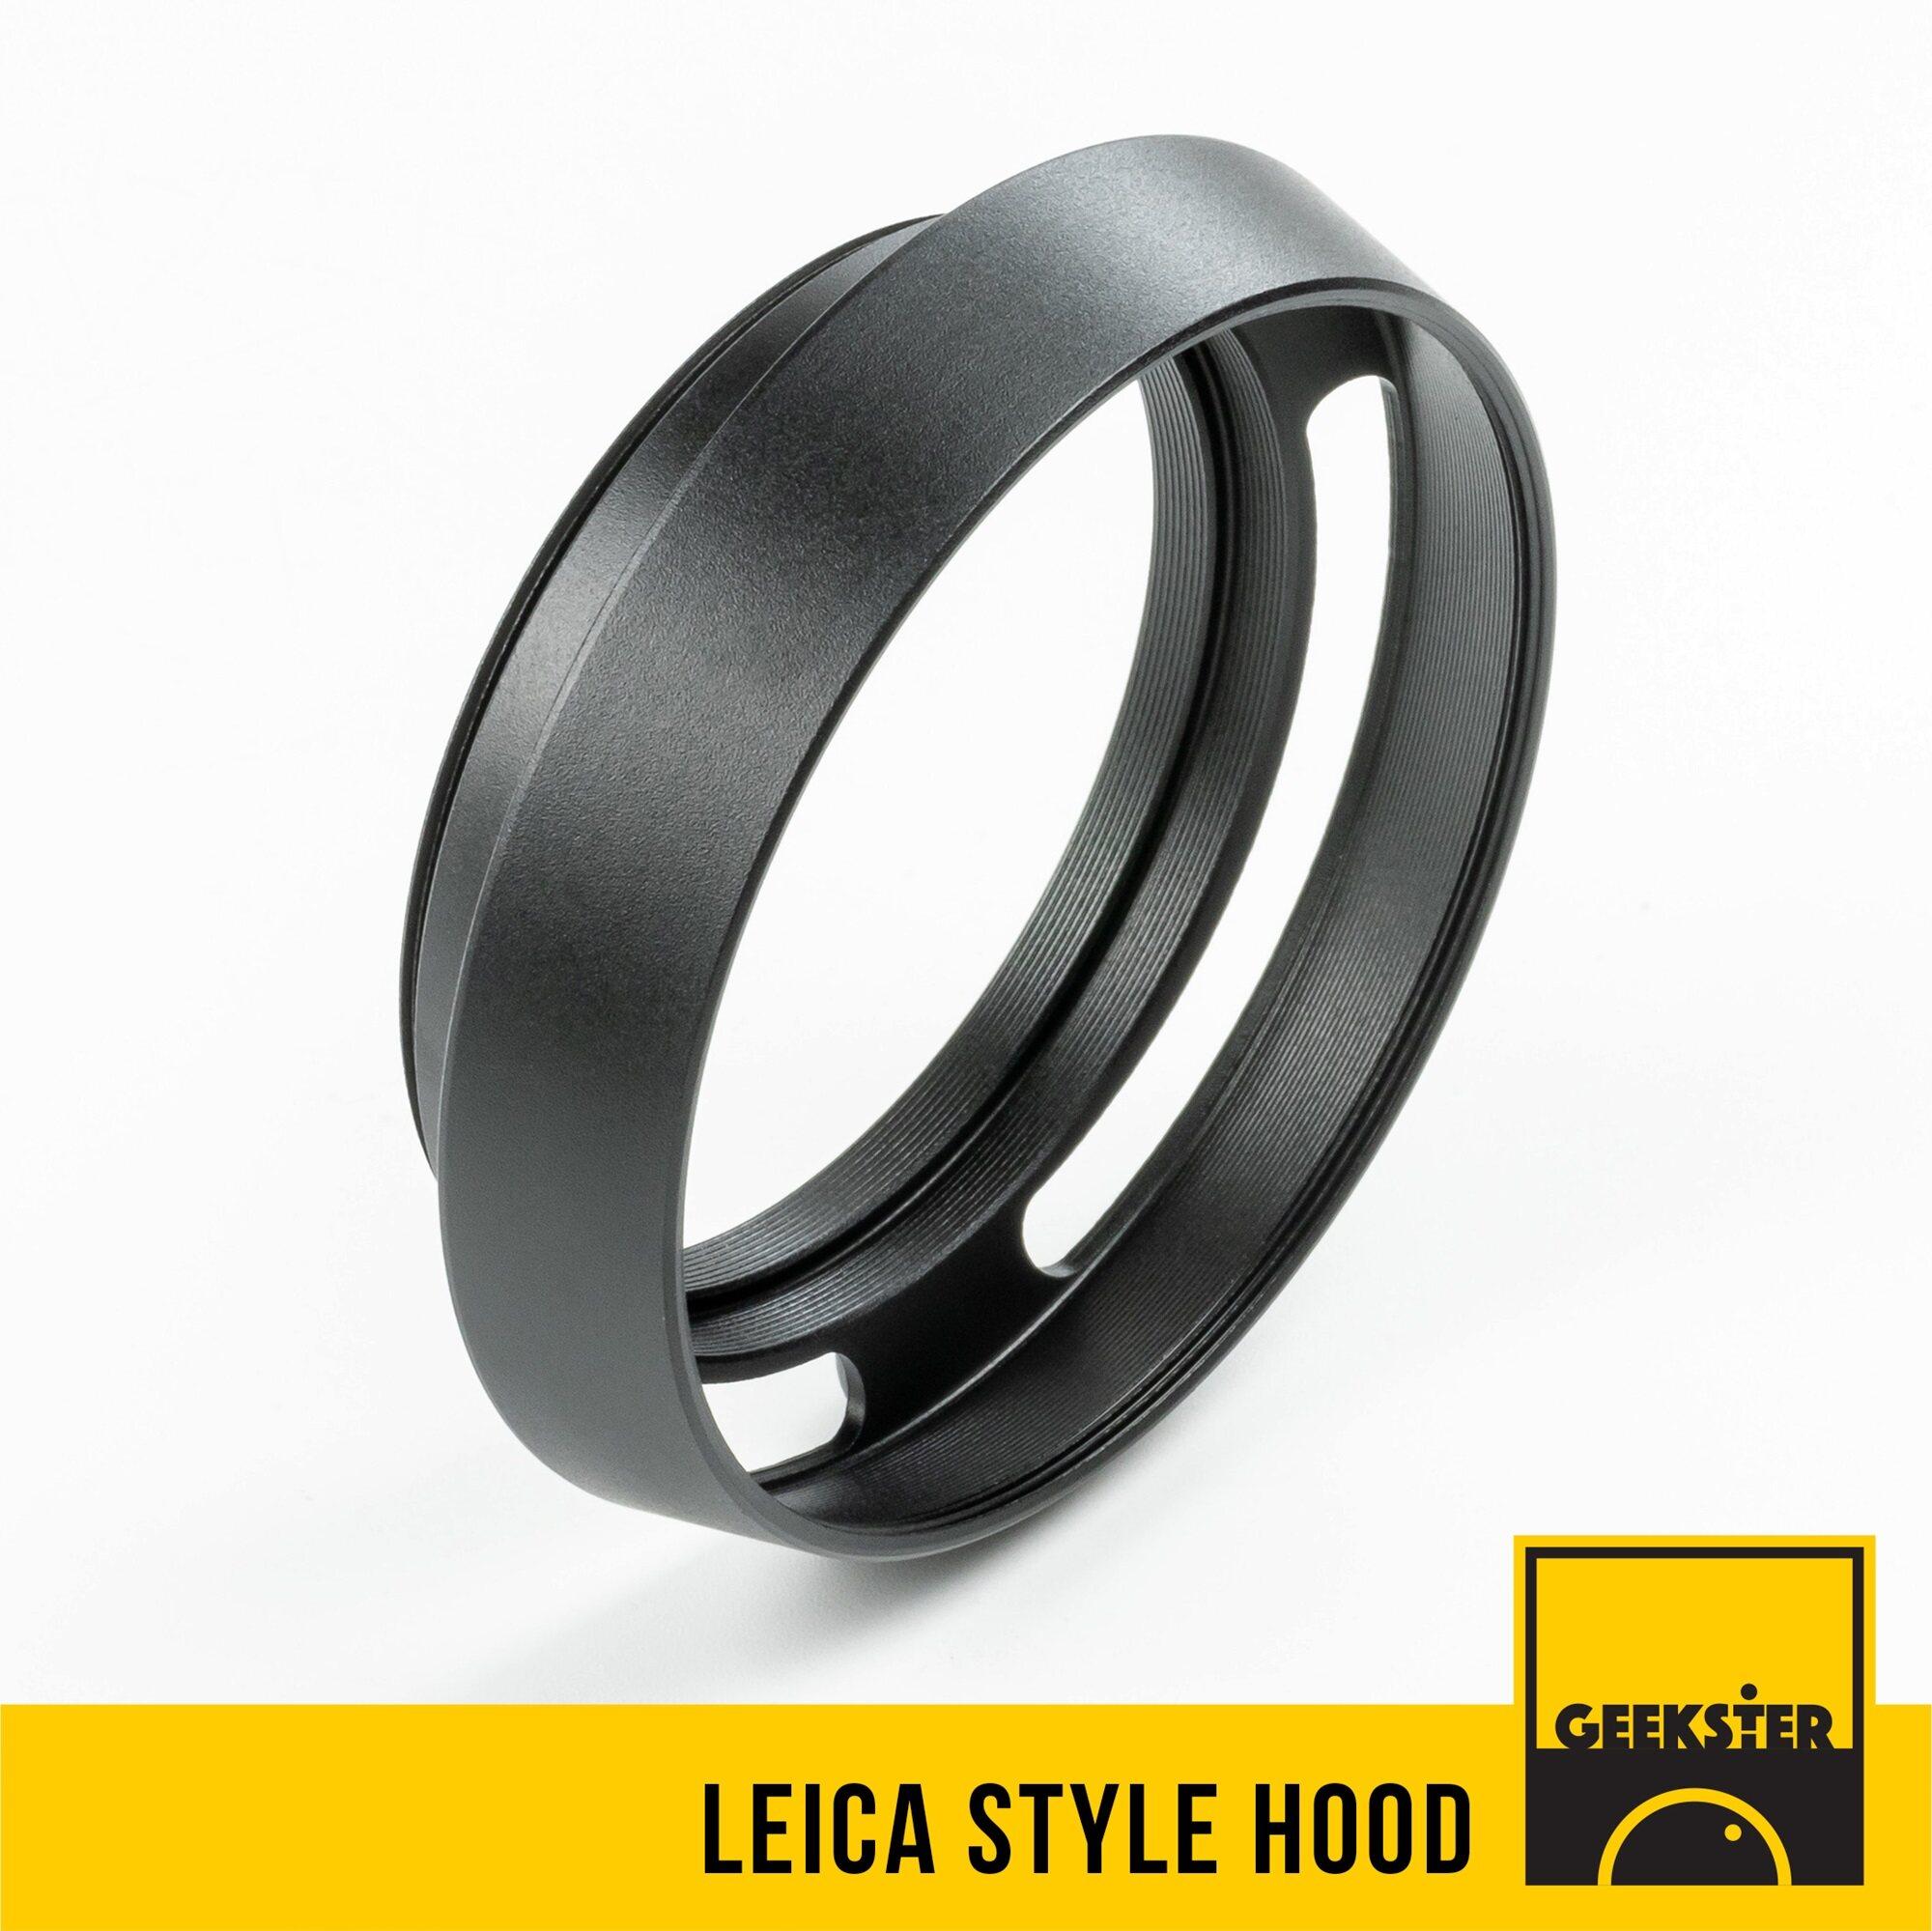 Hood เหล็กทรงไลก้า 37mm / 39mm / 40.5mm / 43mm / 46mm / 49mm / 52mm / 55mm / 58mm ( สำหรับ บังแสง ) ( แสงจ้า ) ( 37 mm / 40.5 mm / 43 mm / 46 mm / 49 mm / 52 mm / 55 mm / 58 mm ) ( Geekster )